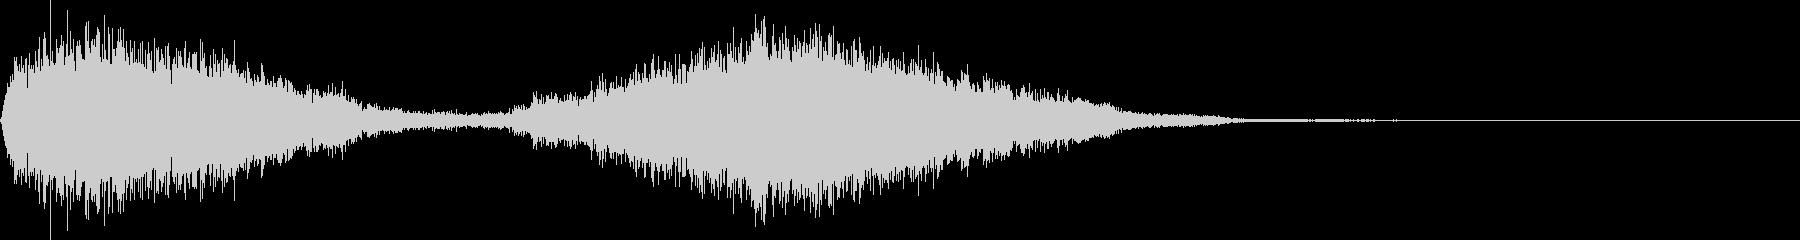 ループ・デ・ループ・フーシュの未再生の波形